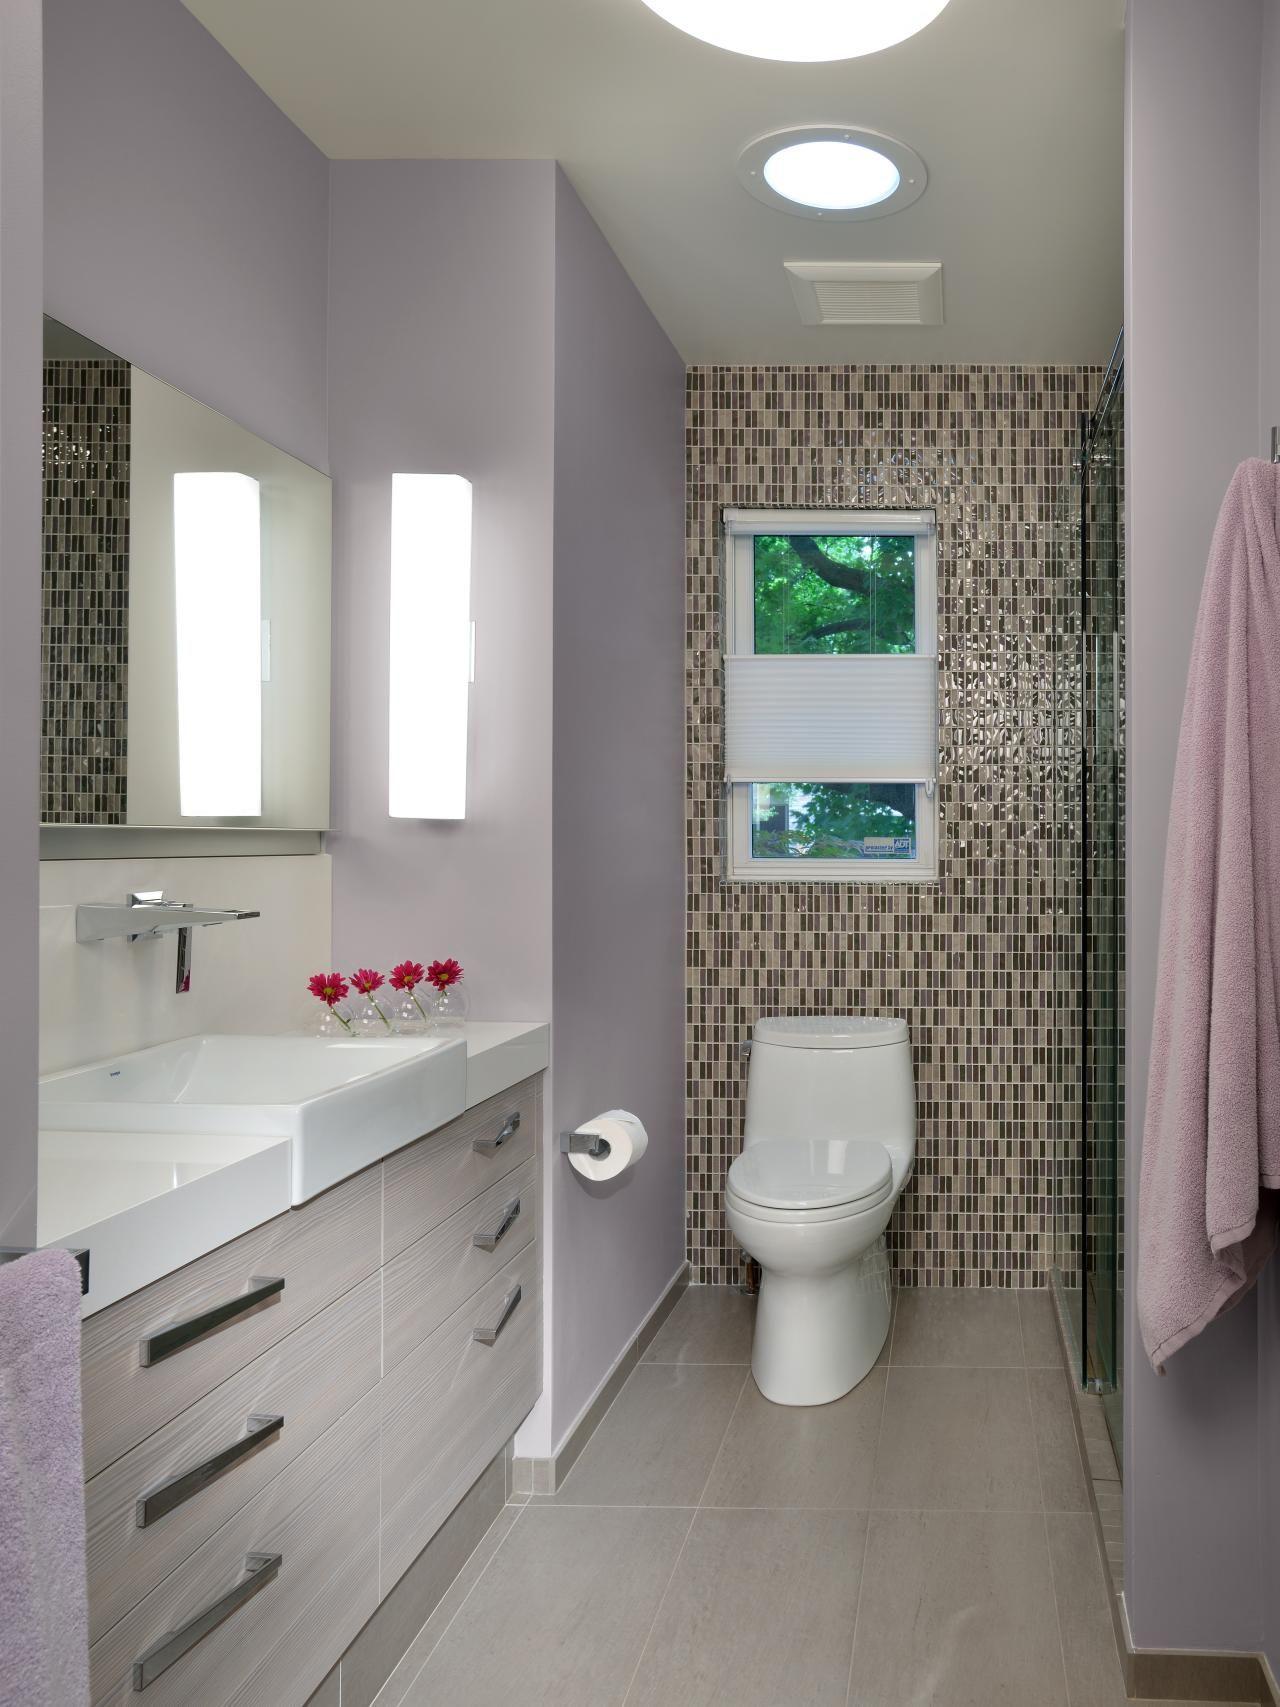 2015 nkba peoples pick best bathroom - Light Hardwood Bathroom 2015